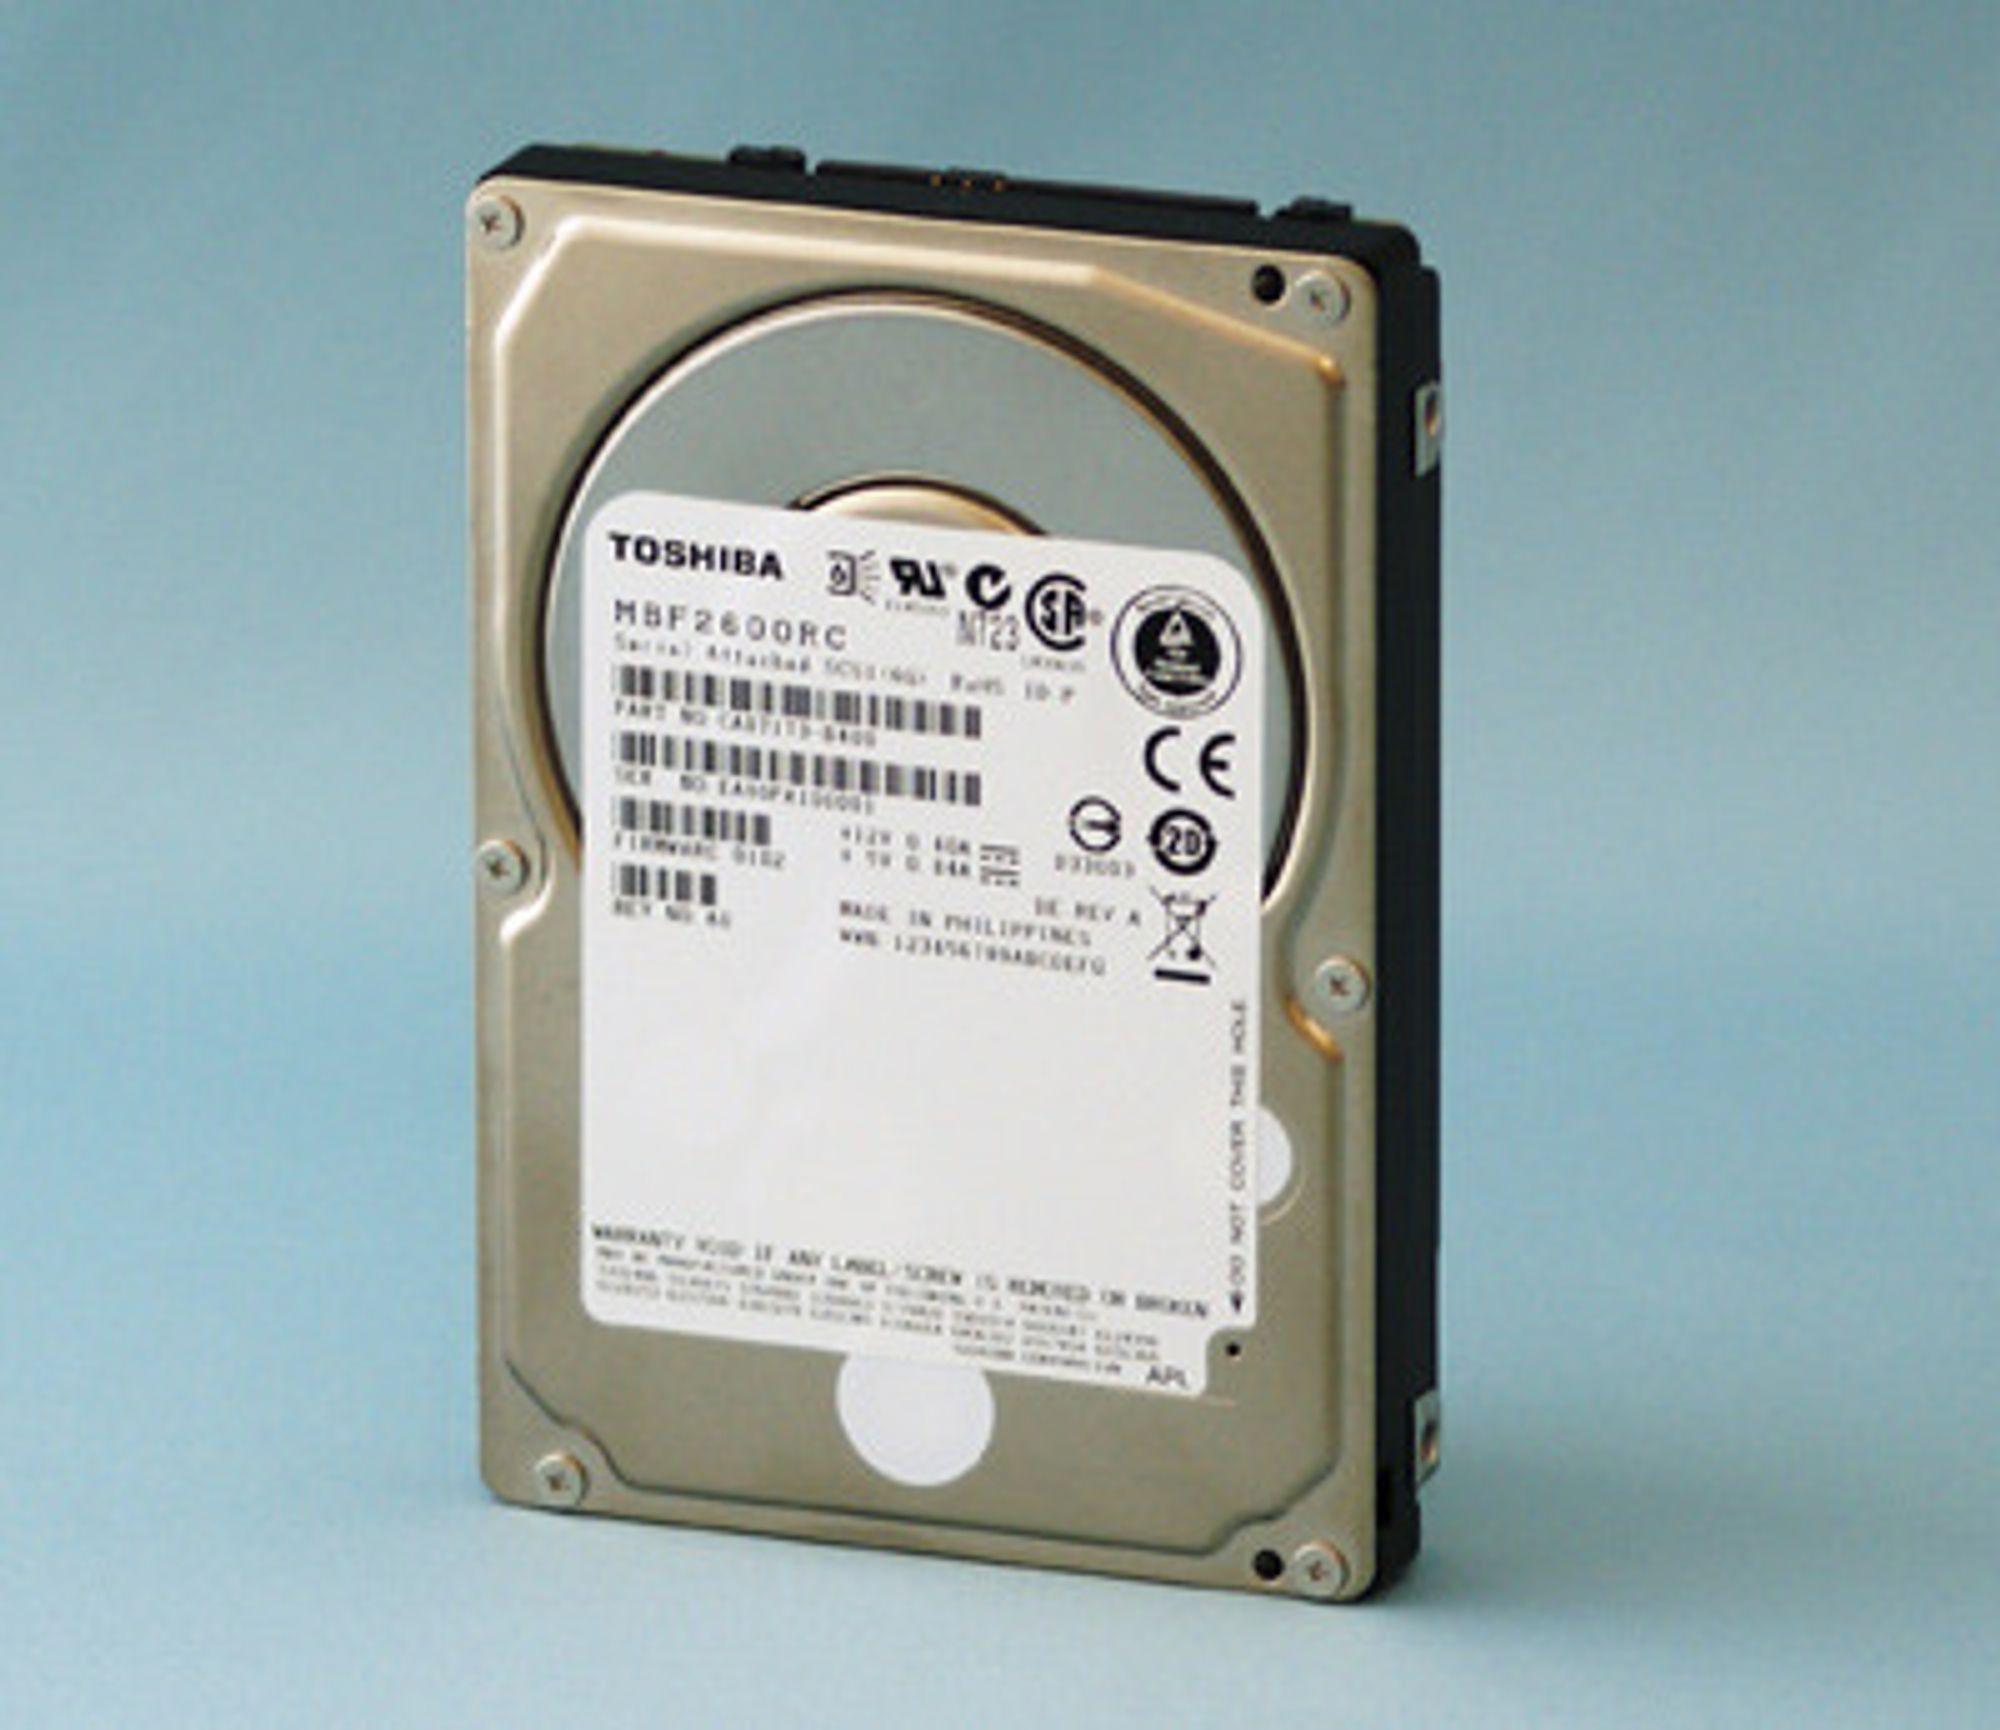 Toshiba MBF2600RC 2,5 tommer harddisk